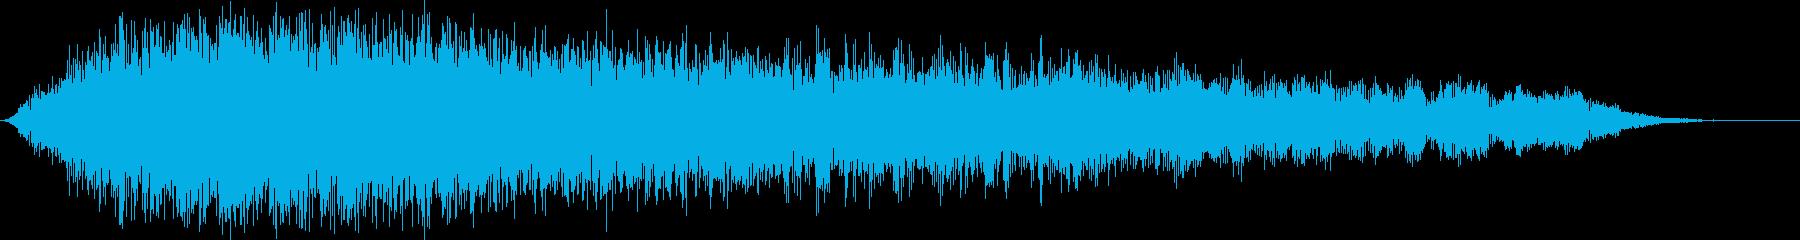 合唱団の掃除の再生済みの波形